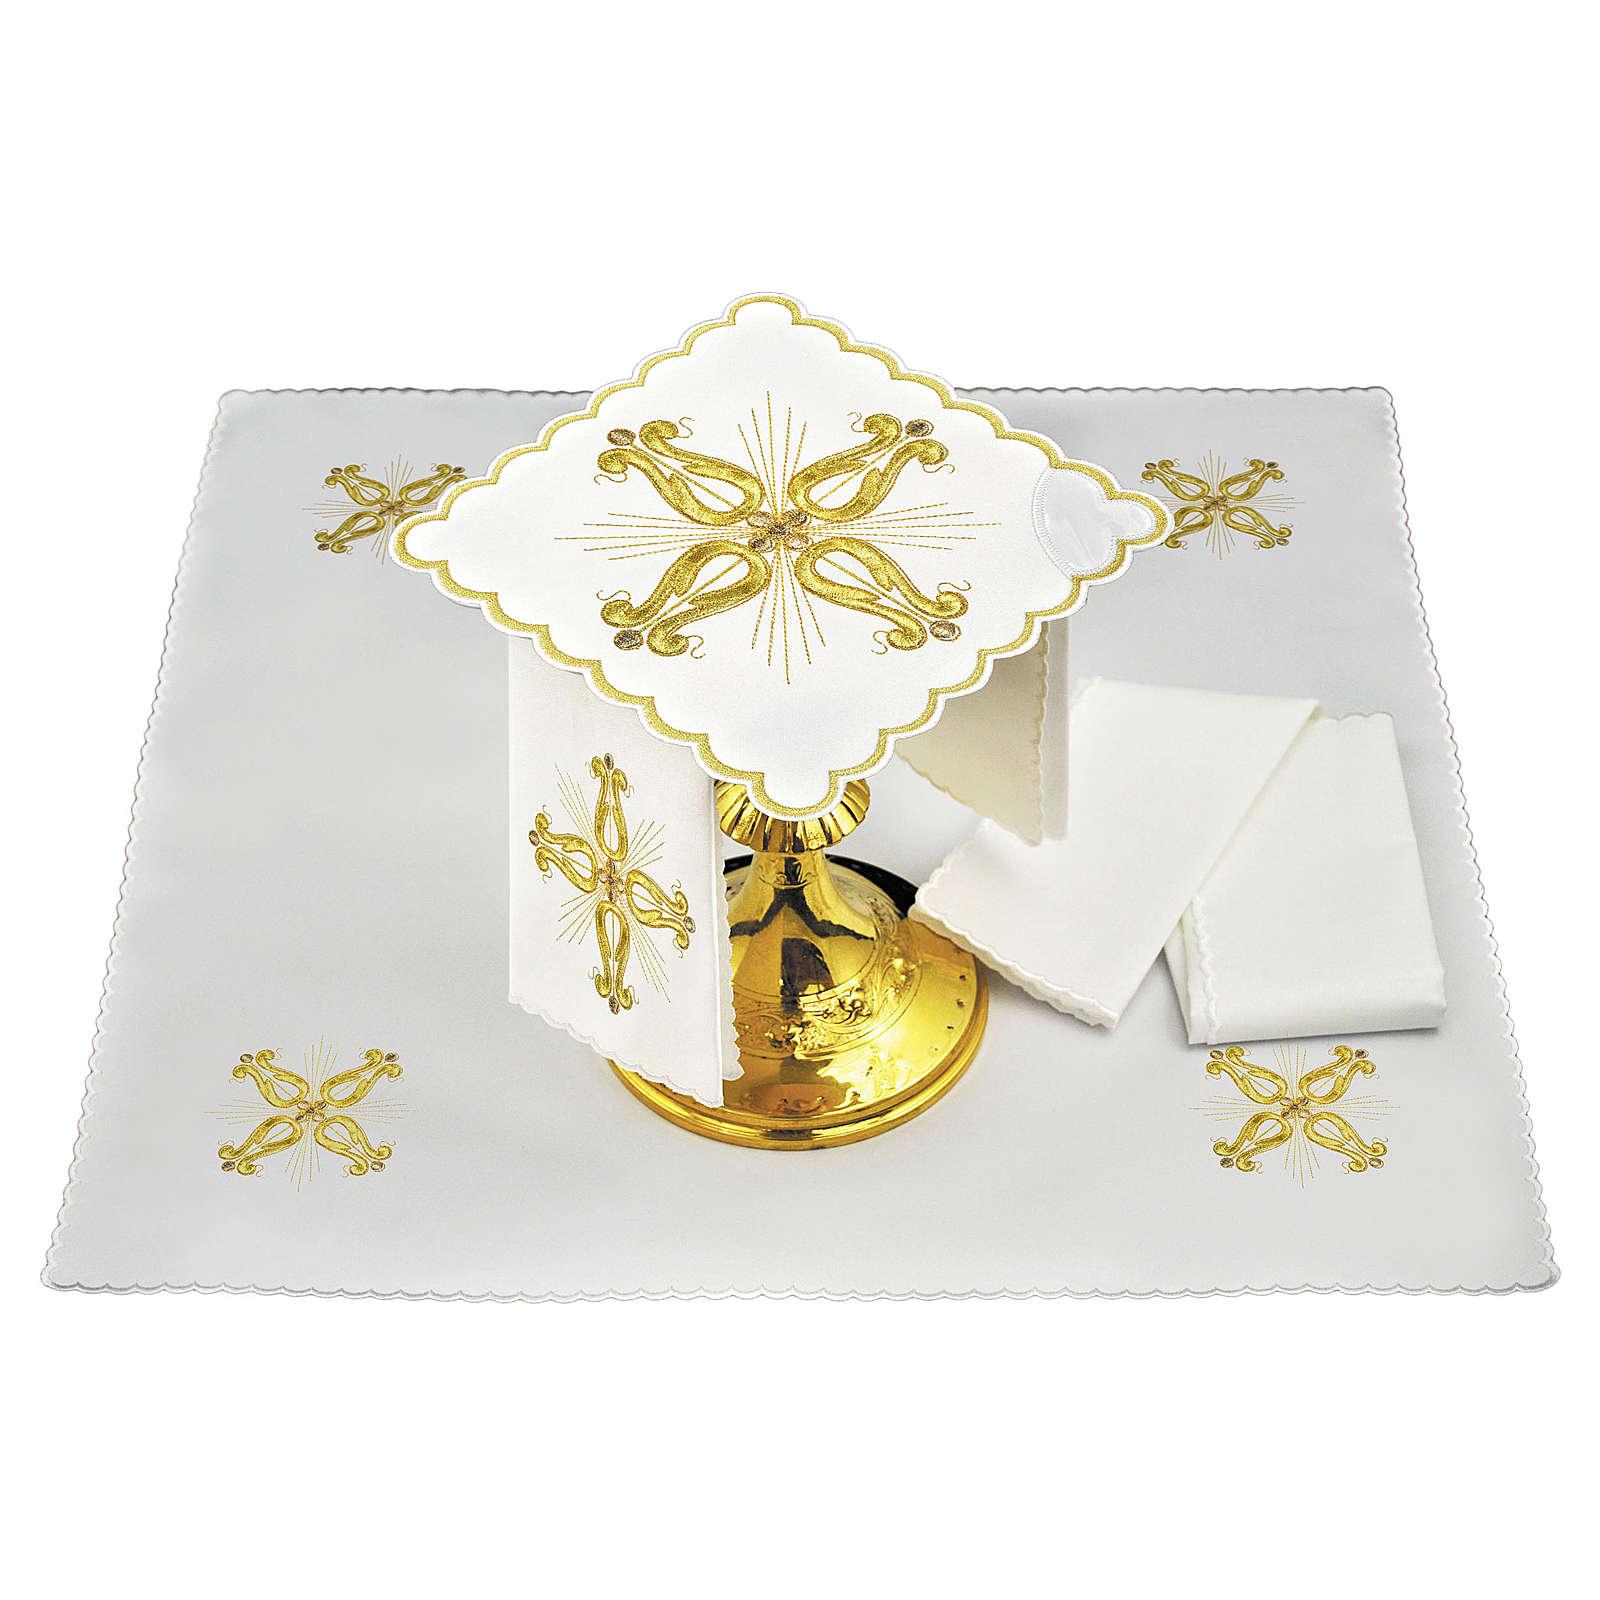 Conjunto altar linho cruz dourada barroca com flor central 4